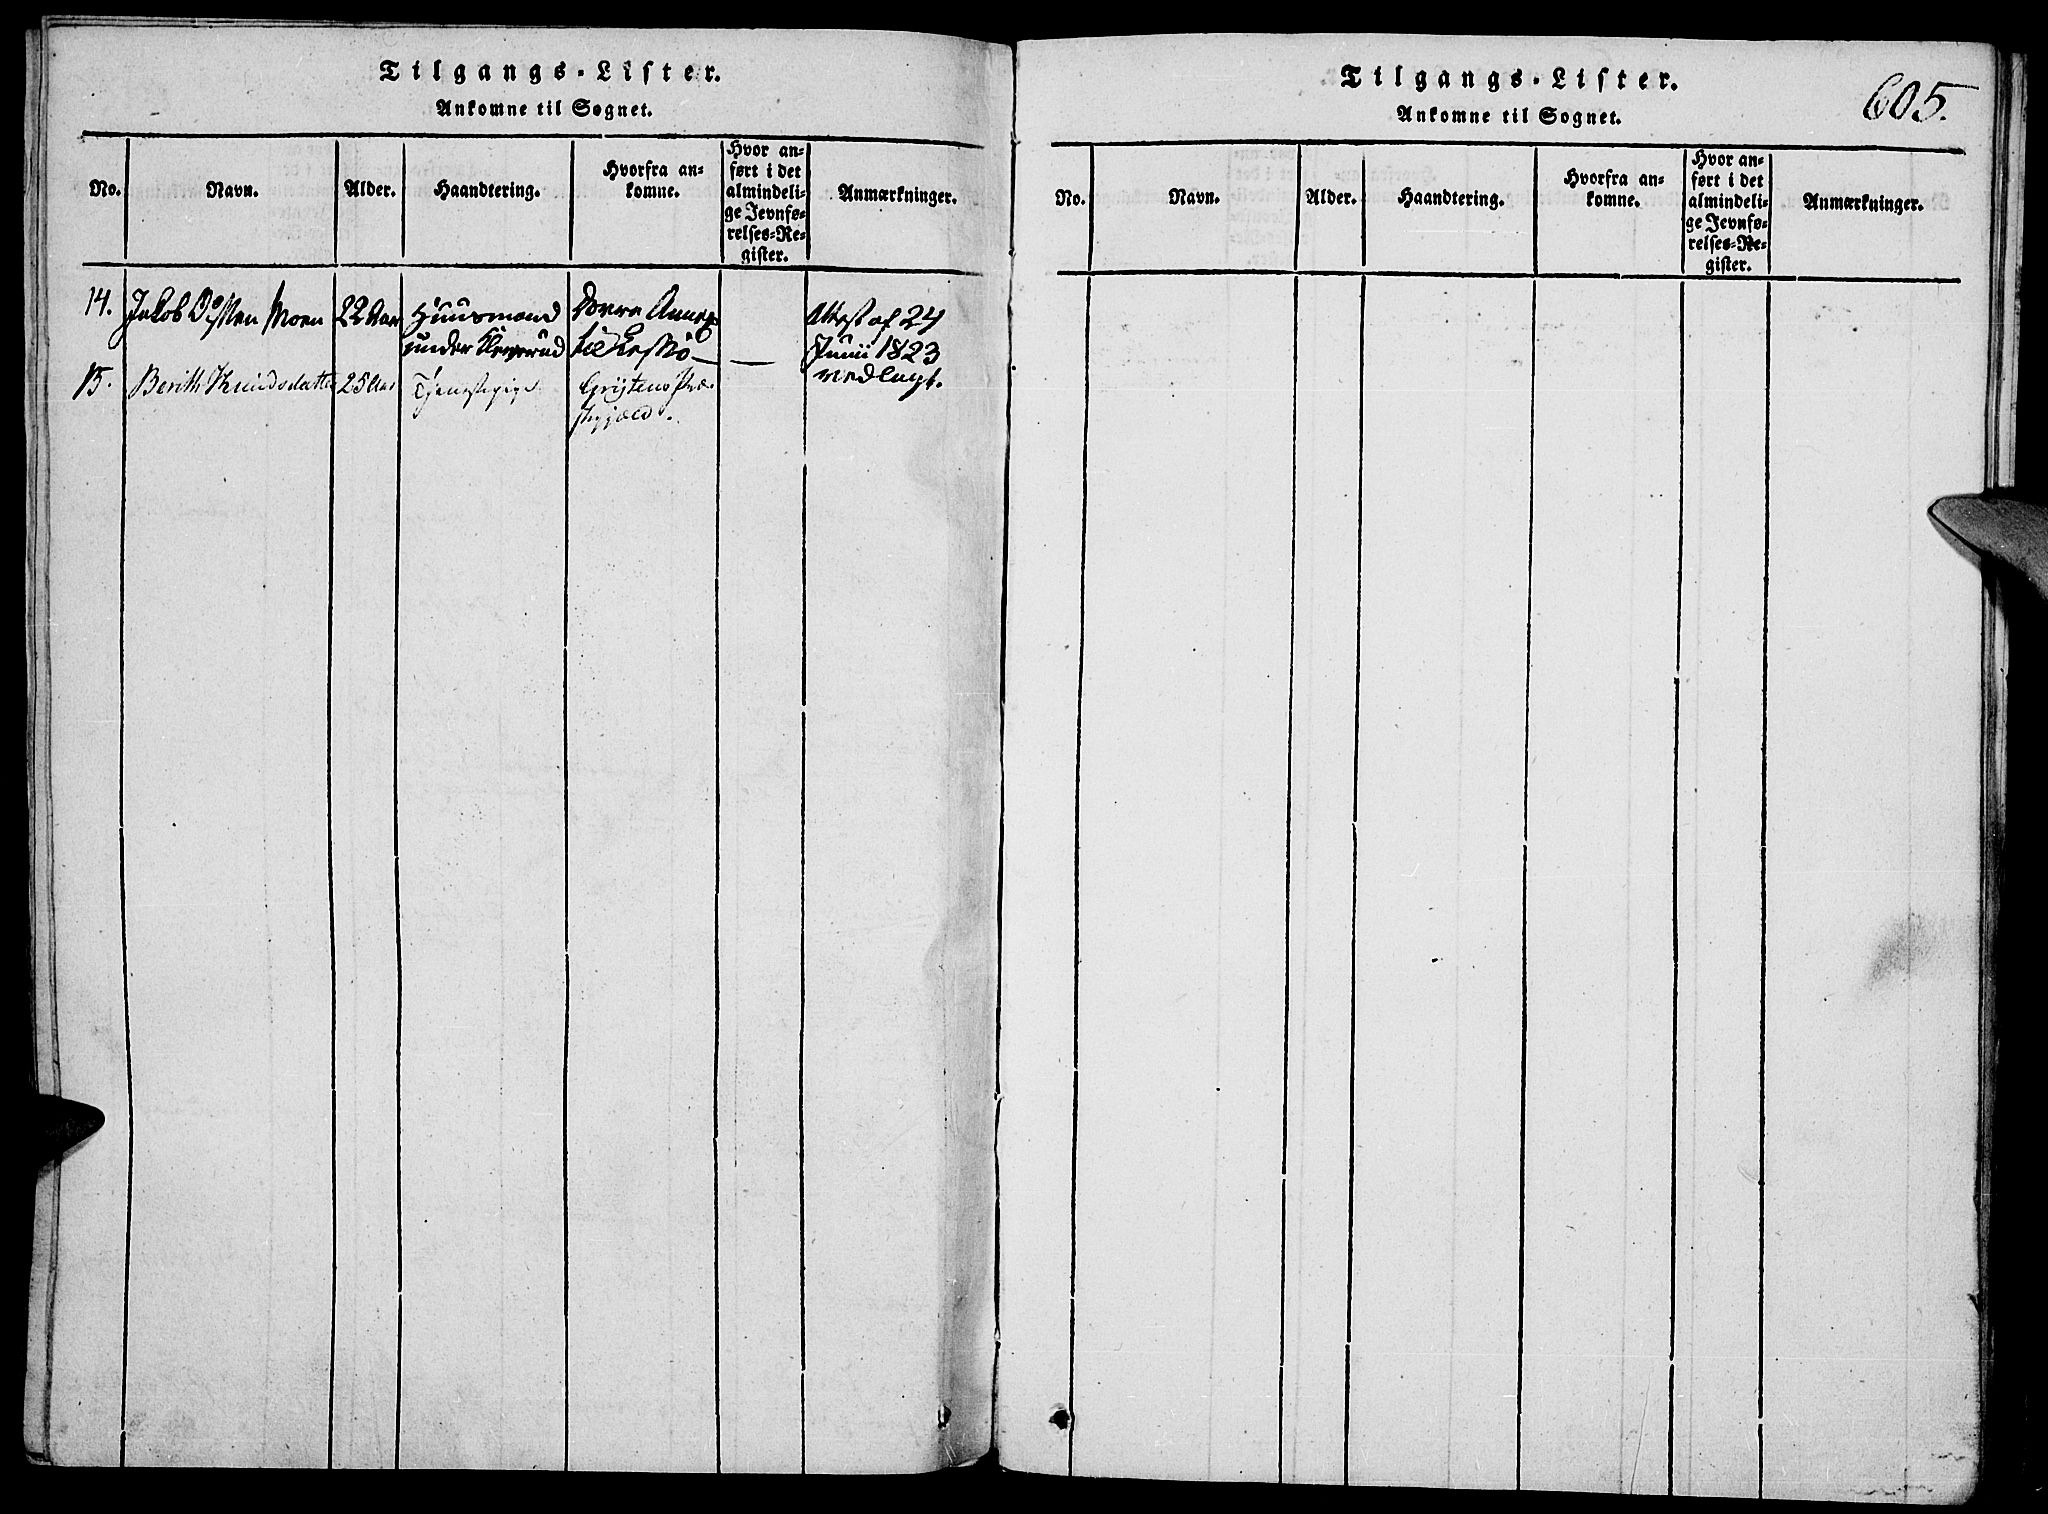 SAH, Vågå prestekontor, Klokkerbok nr. 1, 1815-1827, s. 604-605